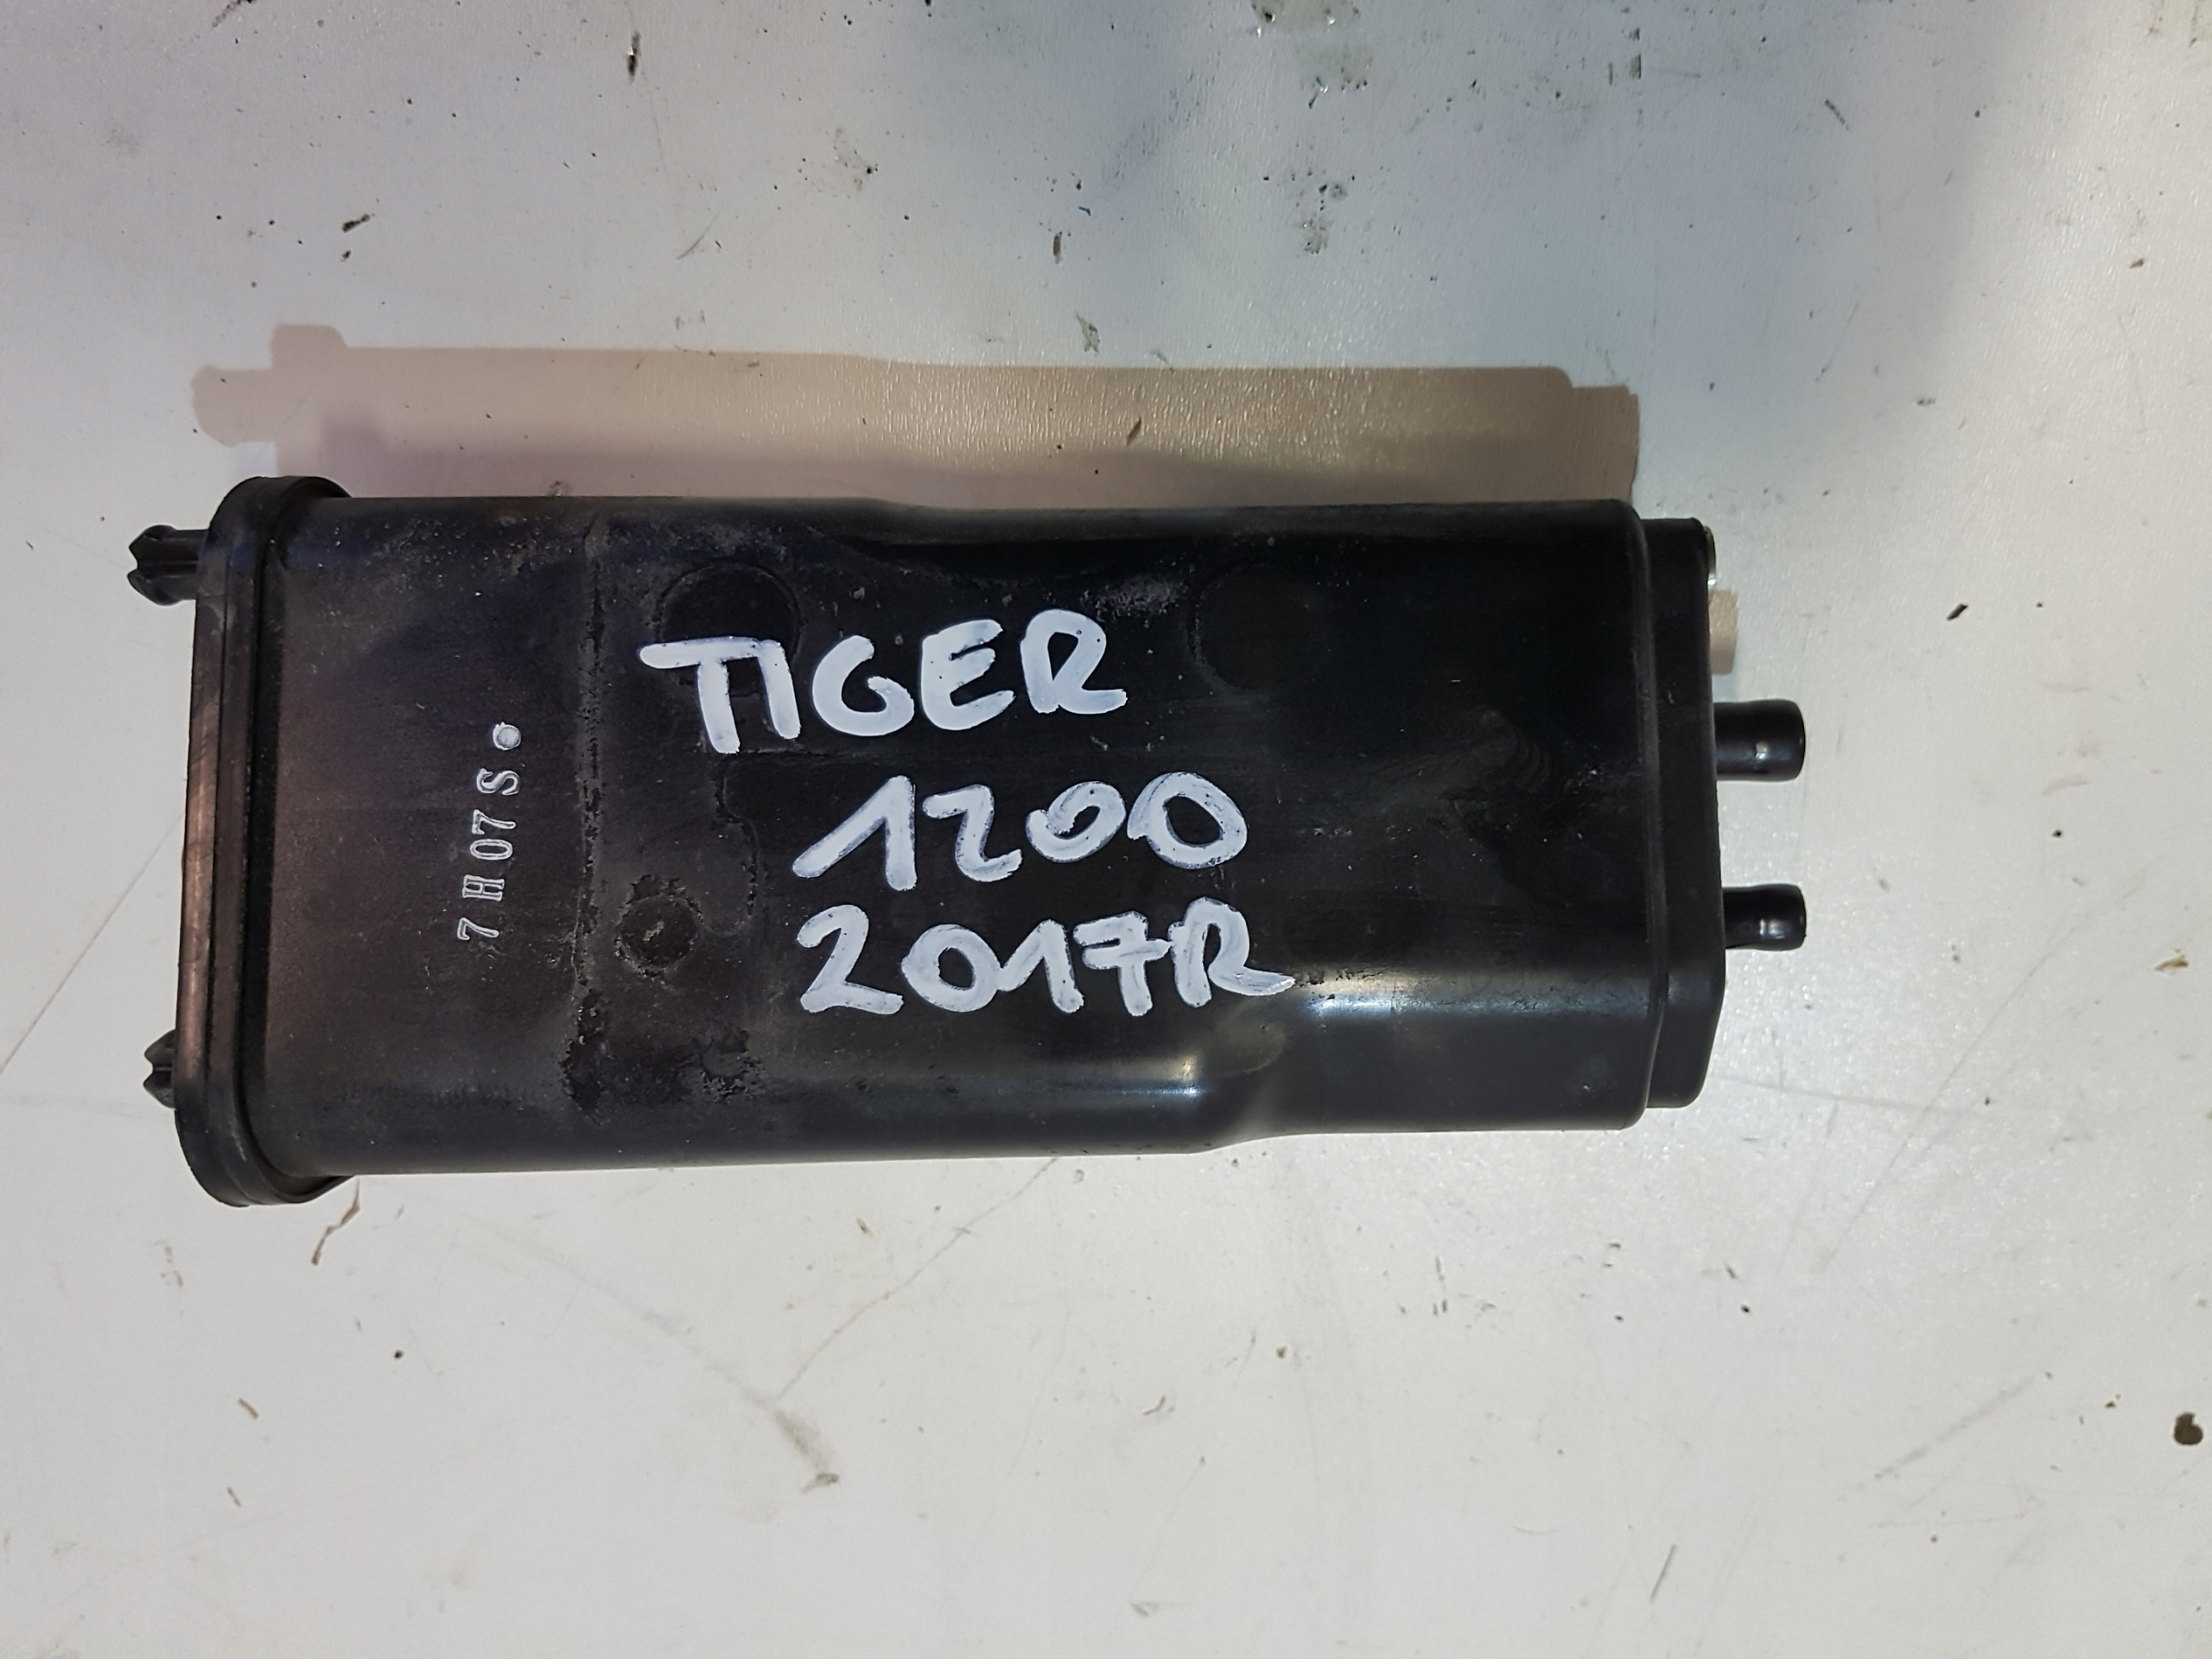 TRIUMPH TIGER 1200 filtr węglowy par paliwa